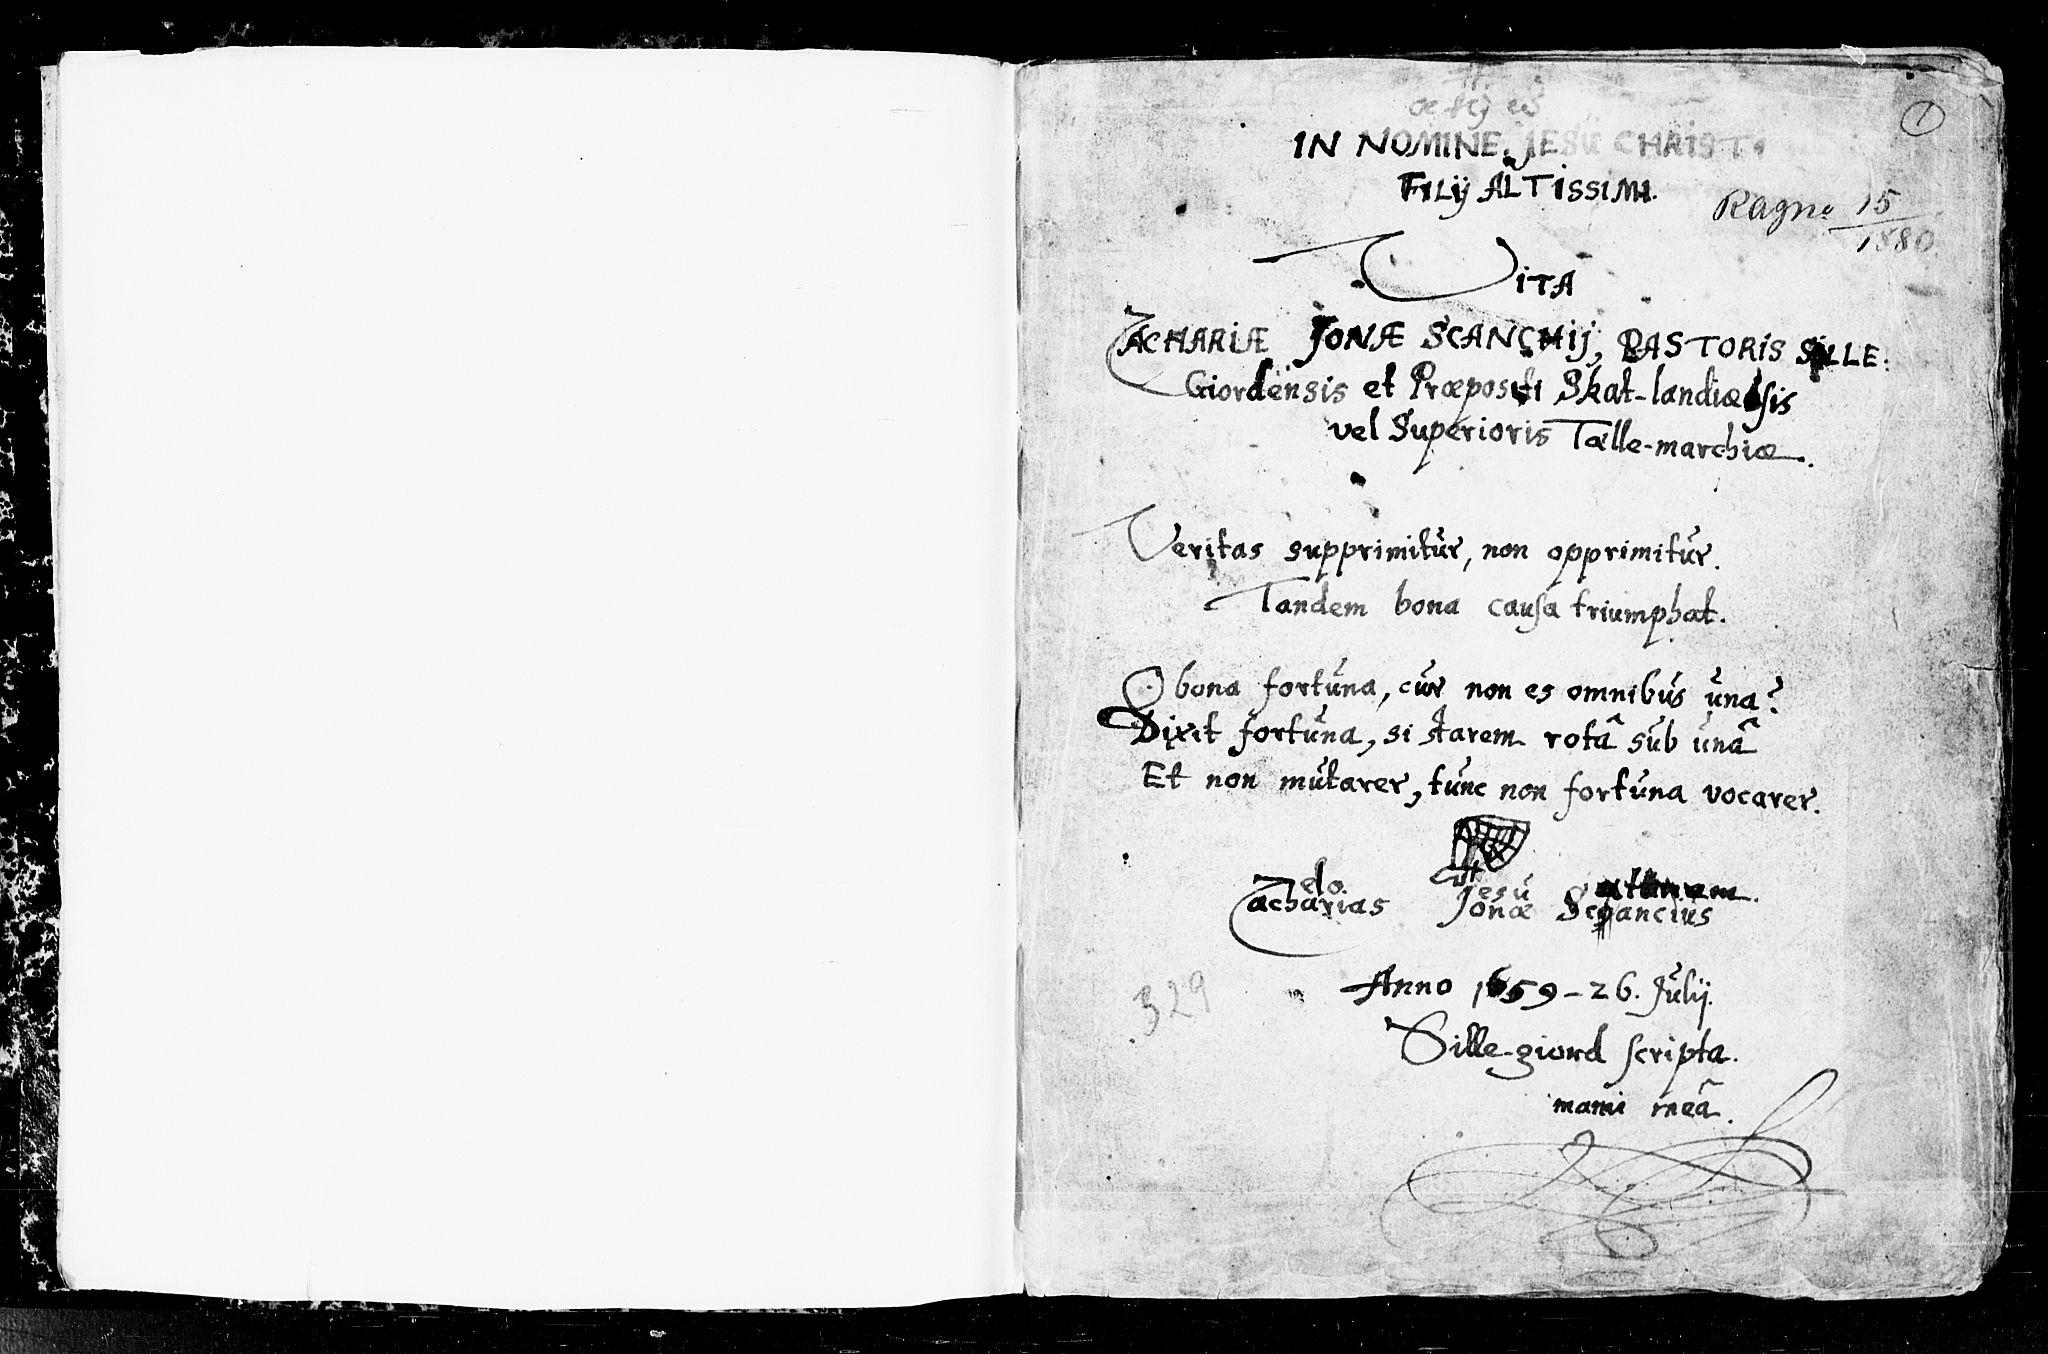 SAKO, Seljord kirkebøker, F/Fa/L0001: Ministerialbok nr. I 1, 1654-1686, s. 1